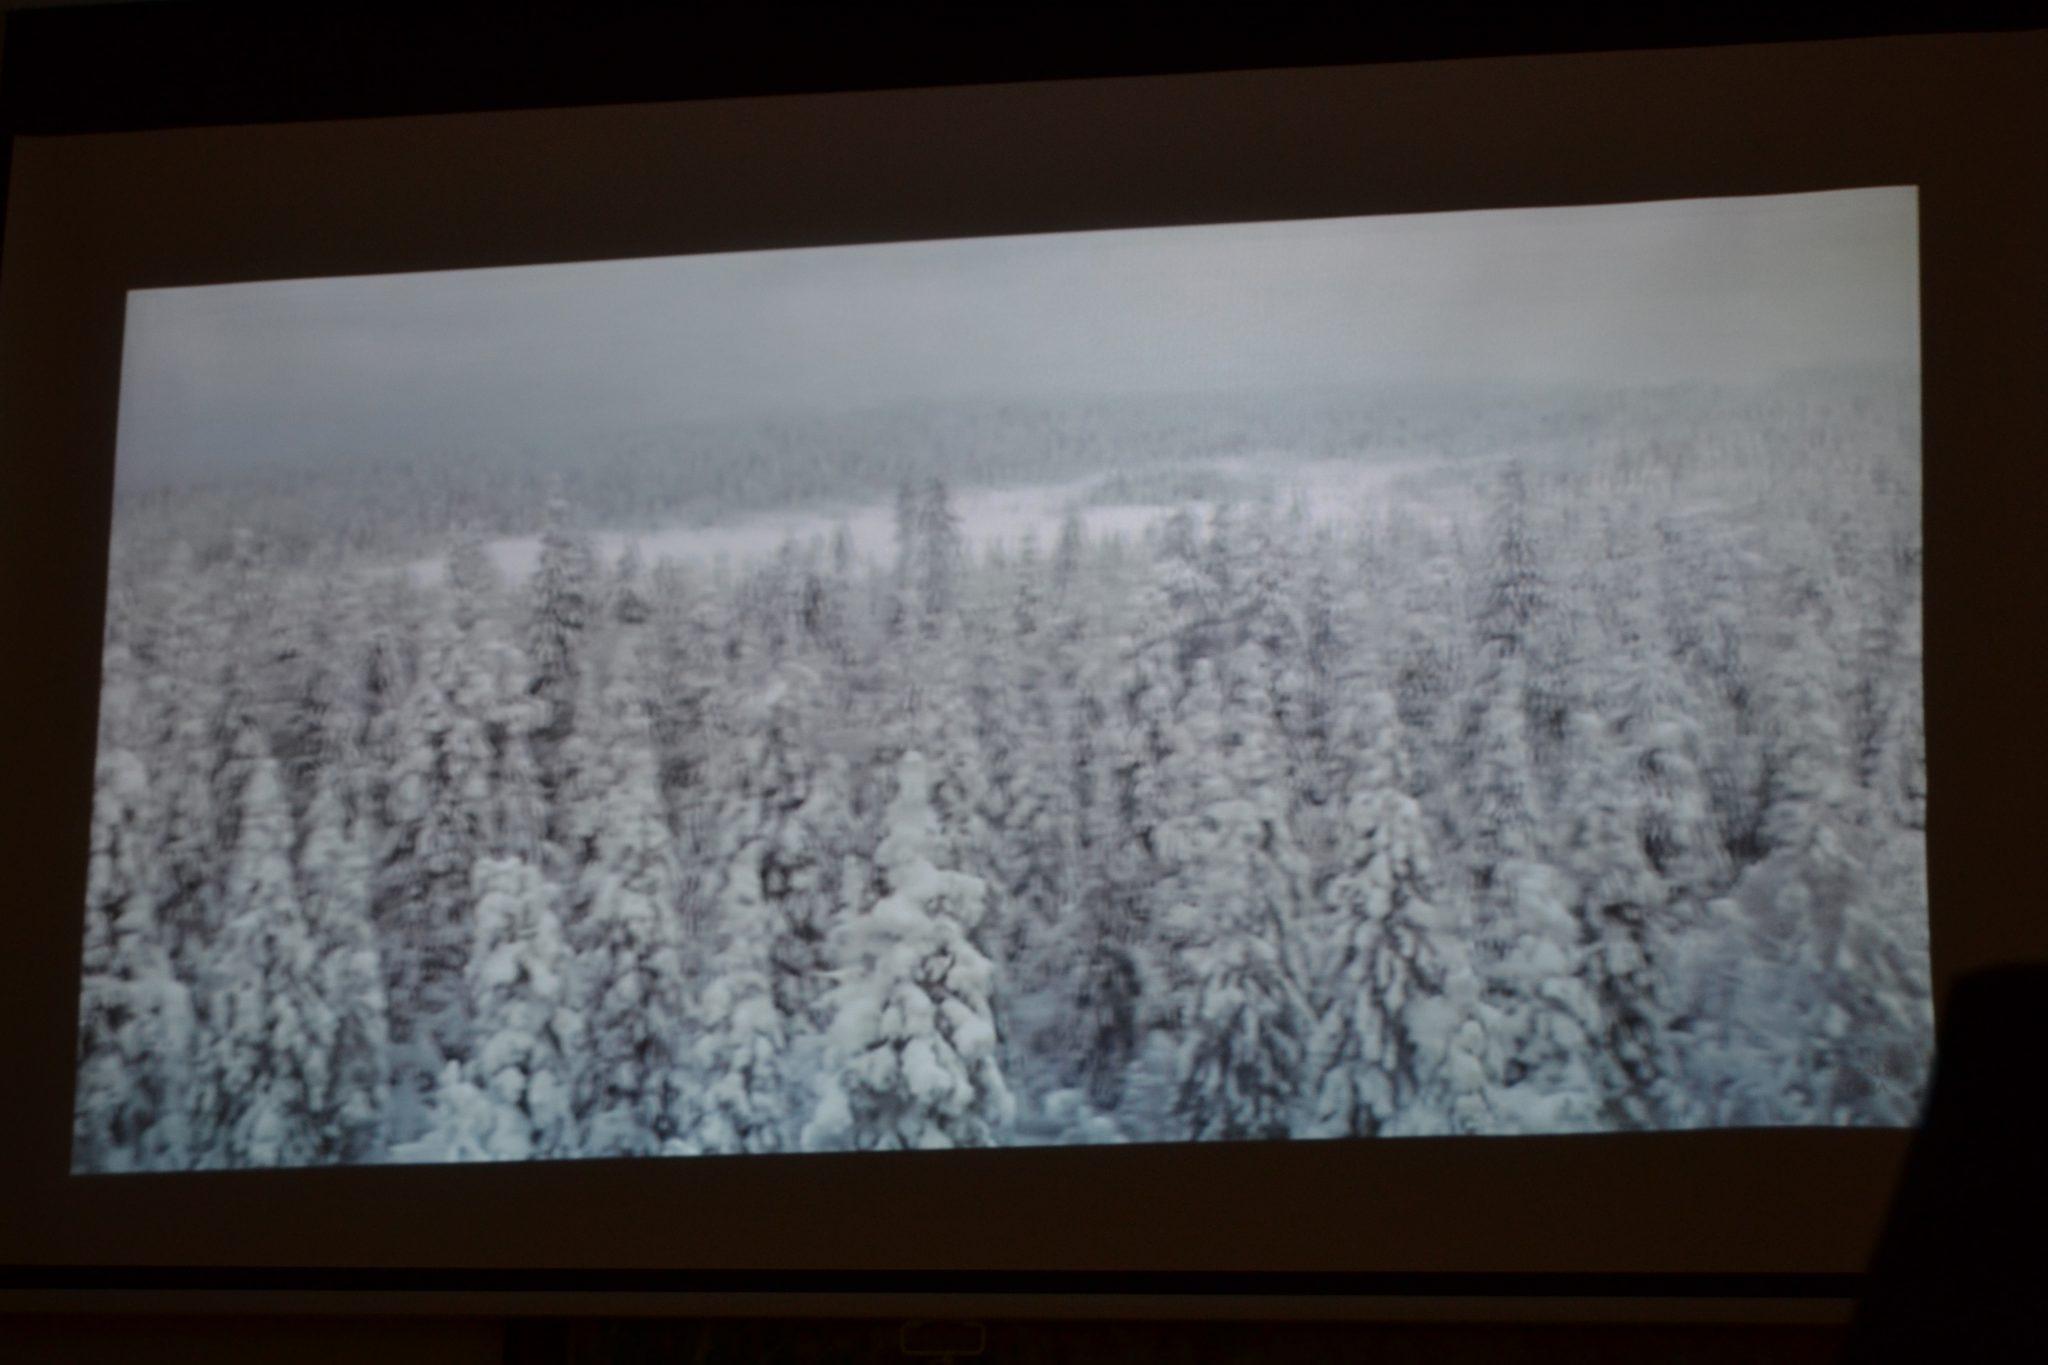 Sibeliuksen Finlandia sävelin ja kuvin